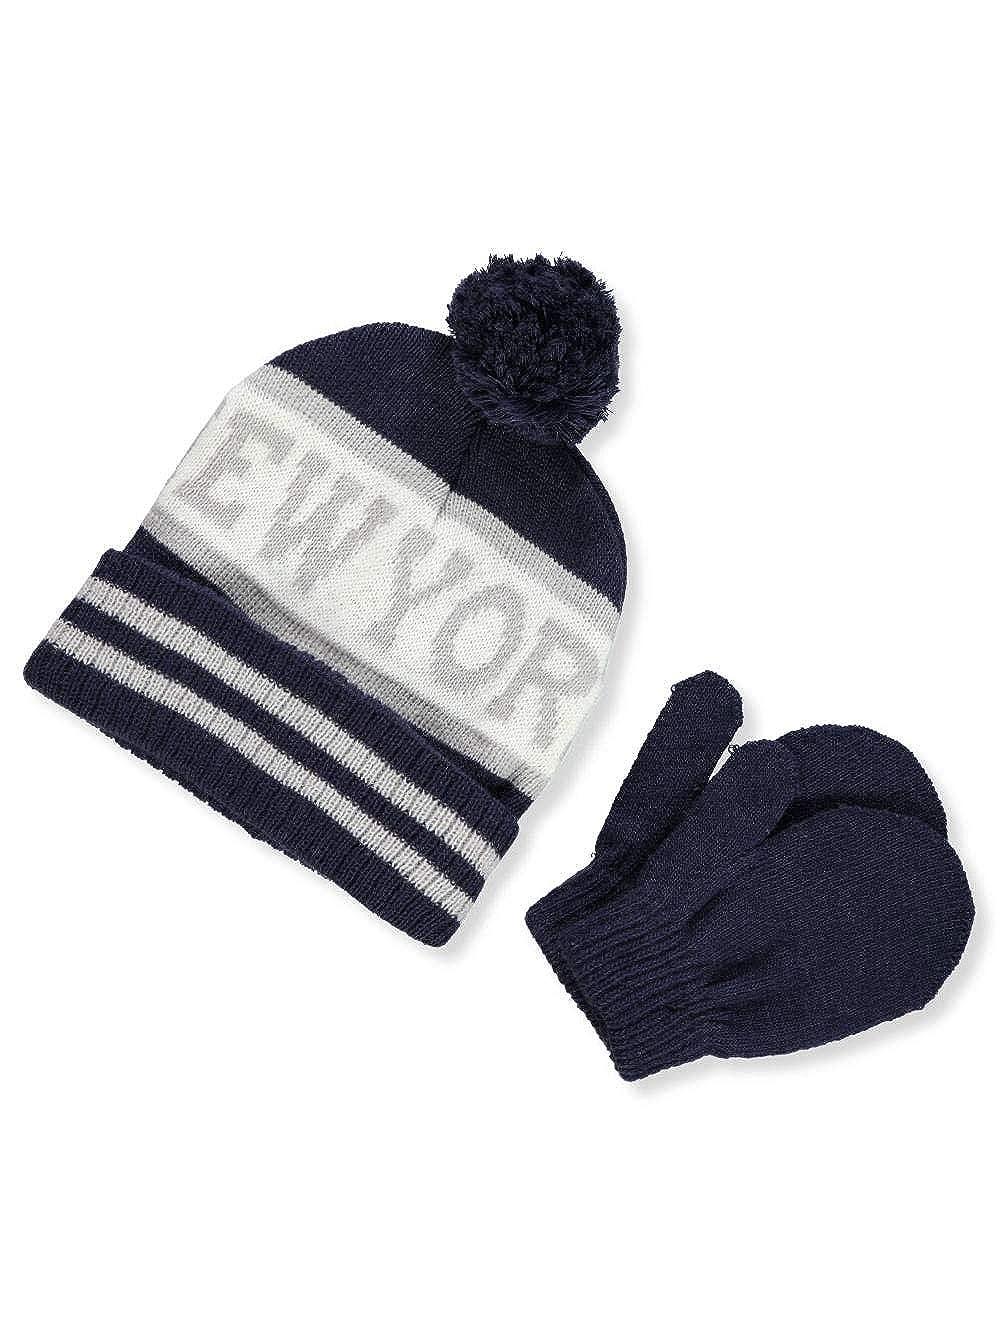 Winter Warm-Up Boys Beanie /& Mittens Set